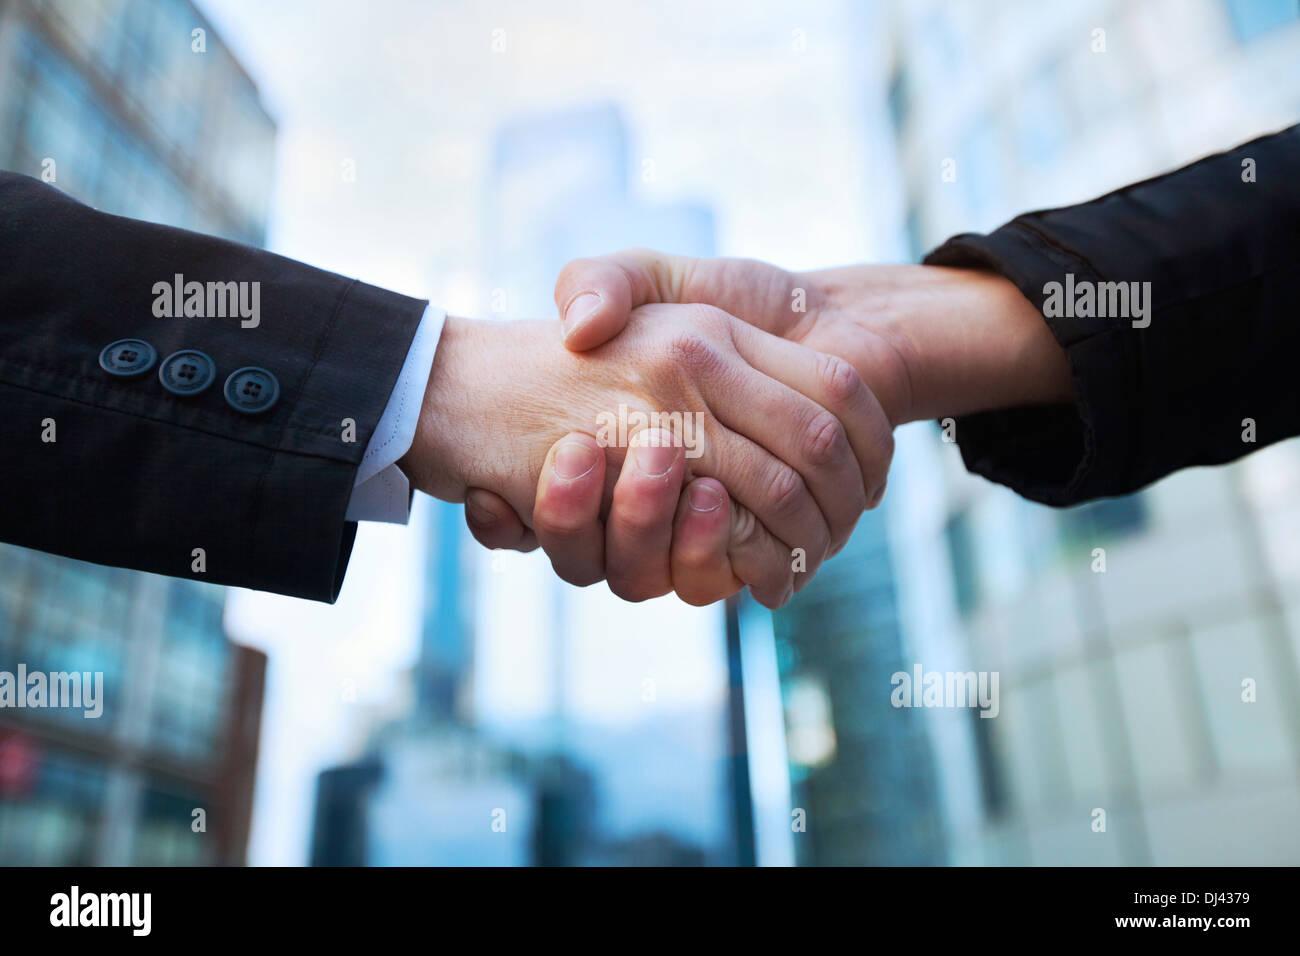 handshake - Stock Image